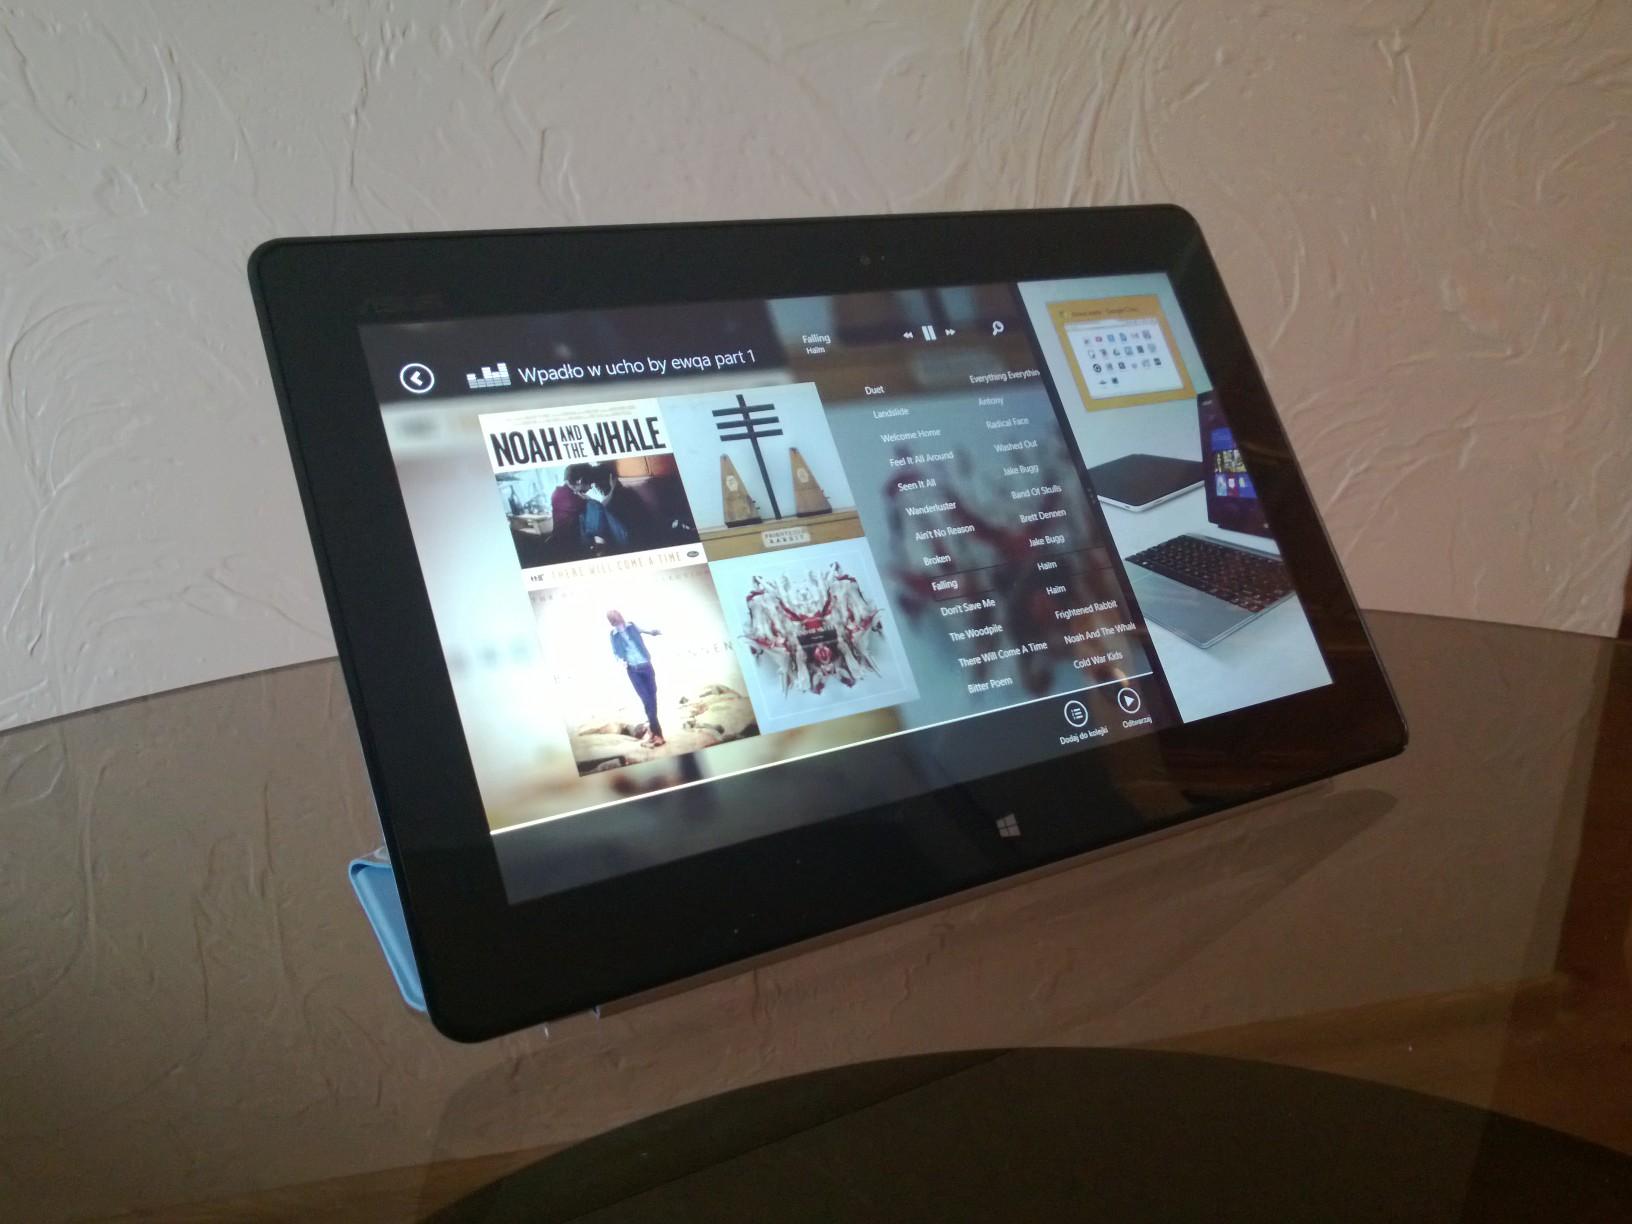 Deezer ma aplikację Windows 8. Wreszcie!